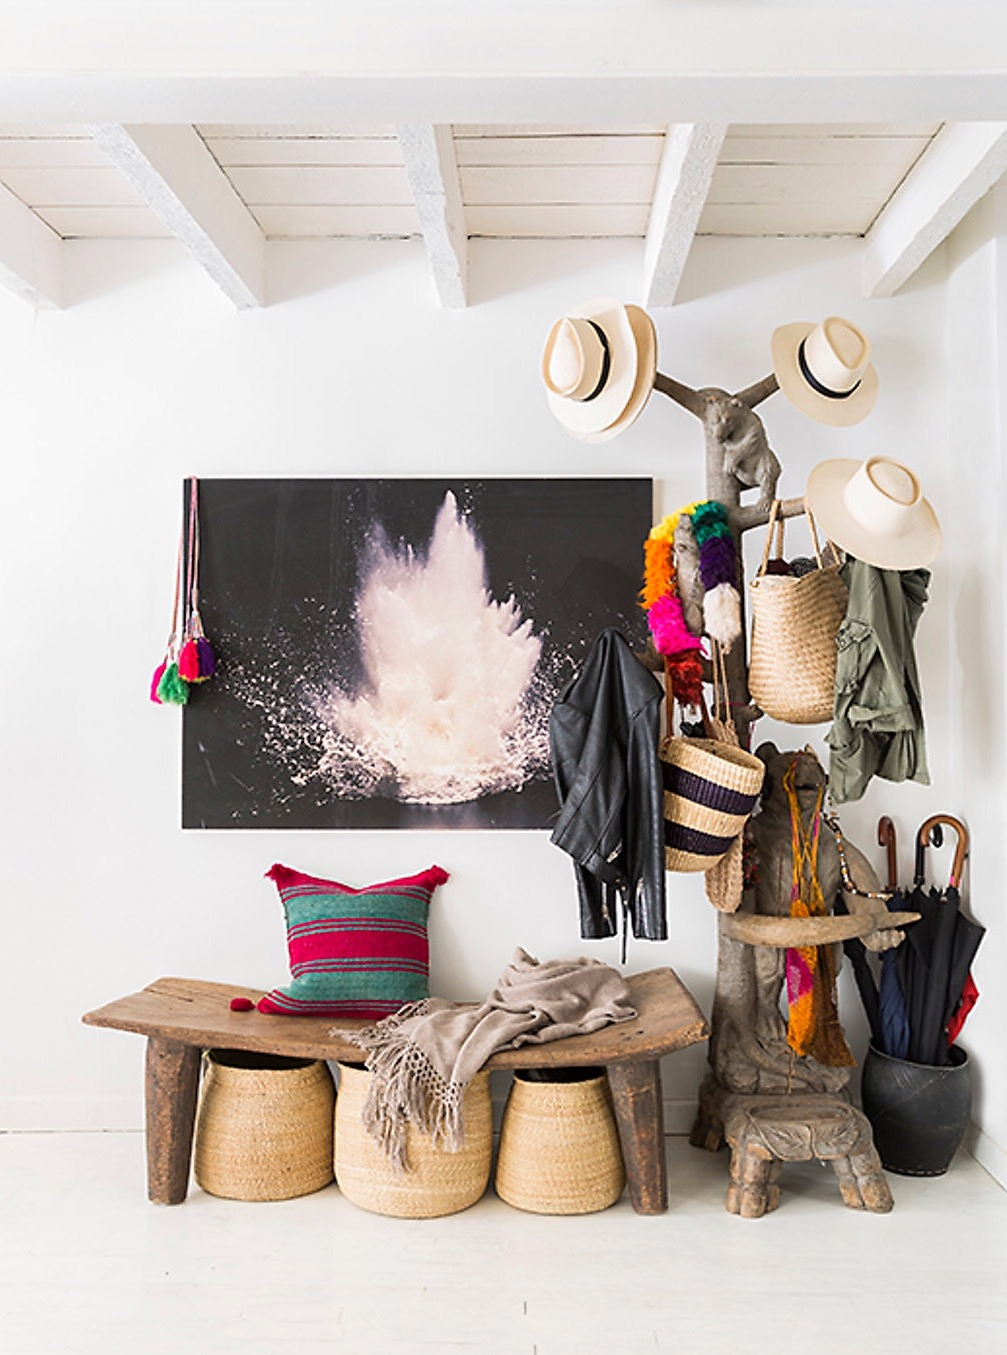 белые стены деревянный пол потолок балки стойка вешалка для шляп скамейка подставка для зонтов